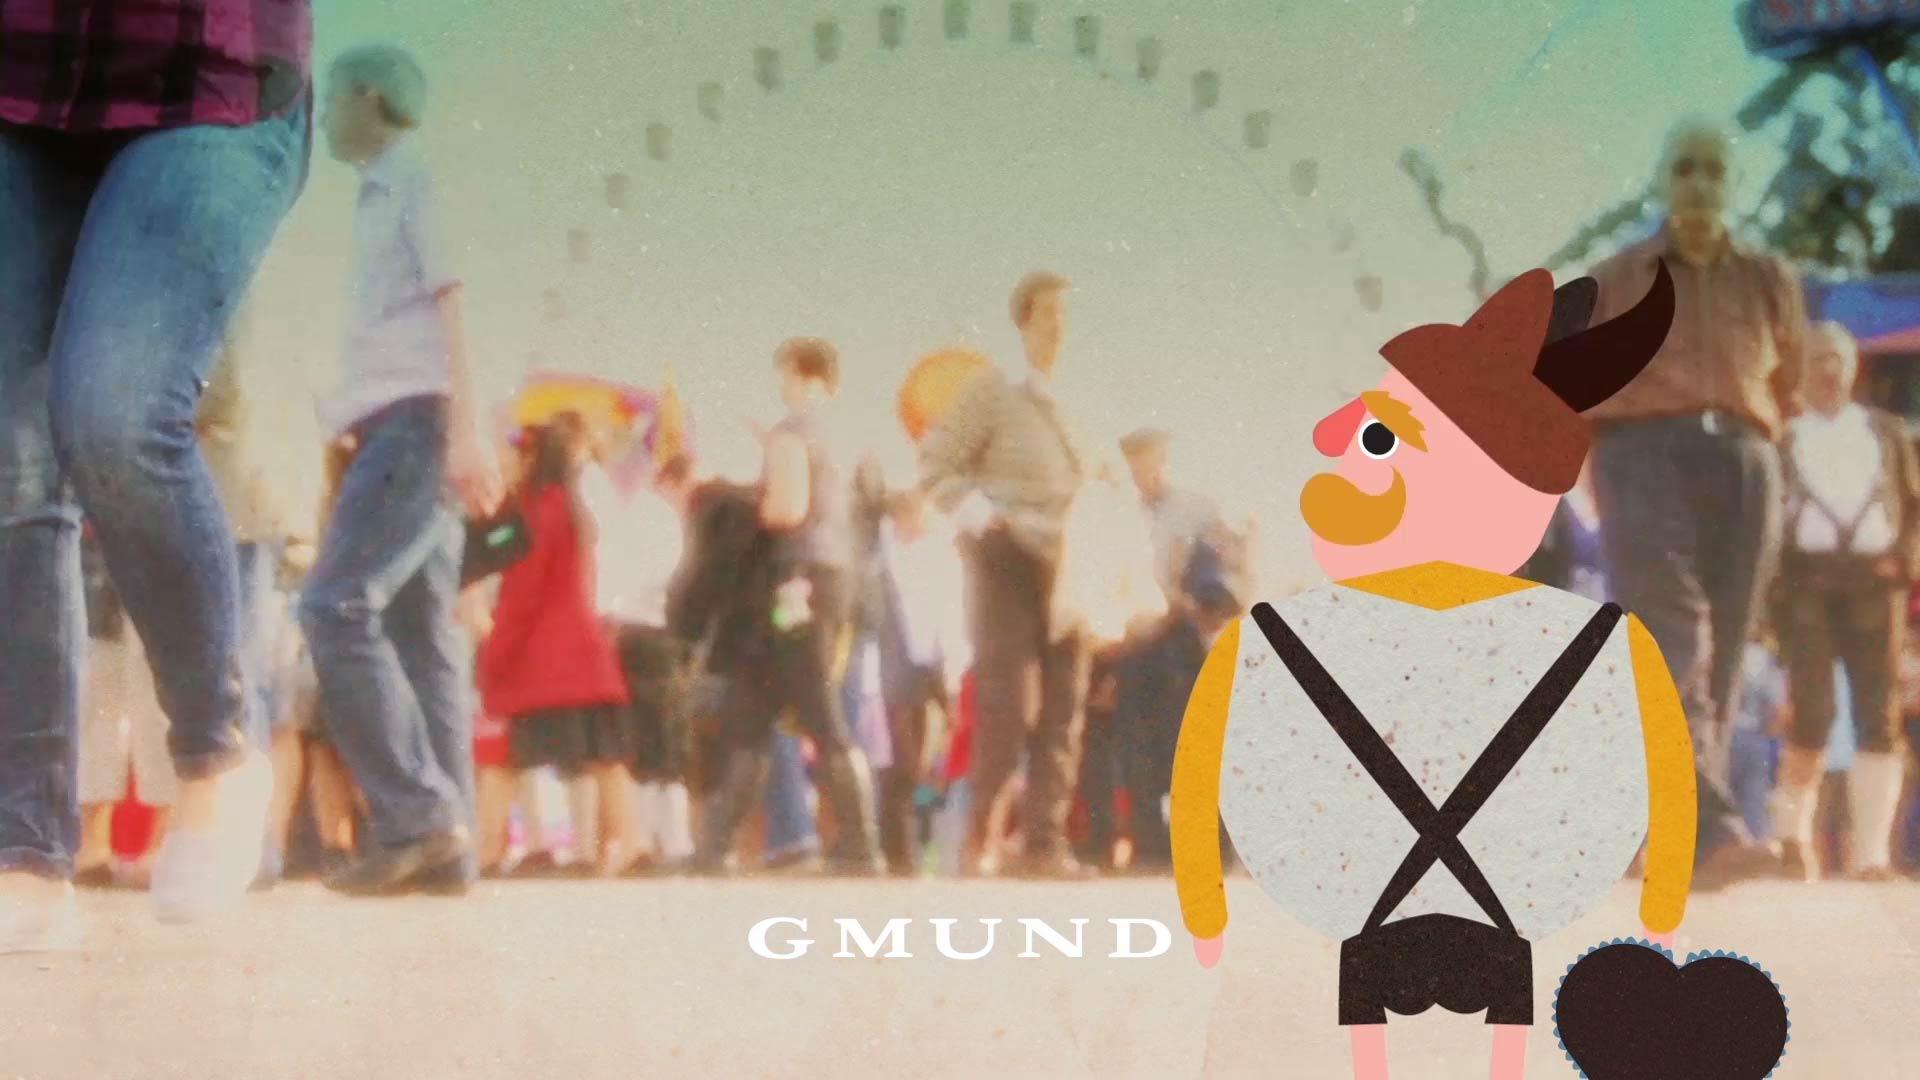 GMUND-Bier-Papier-1